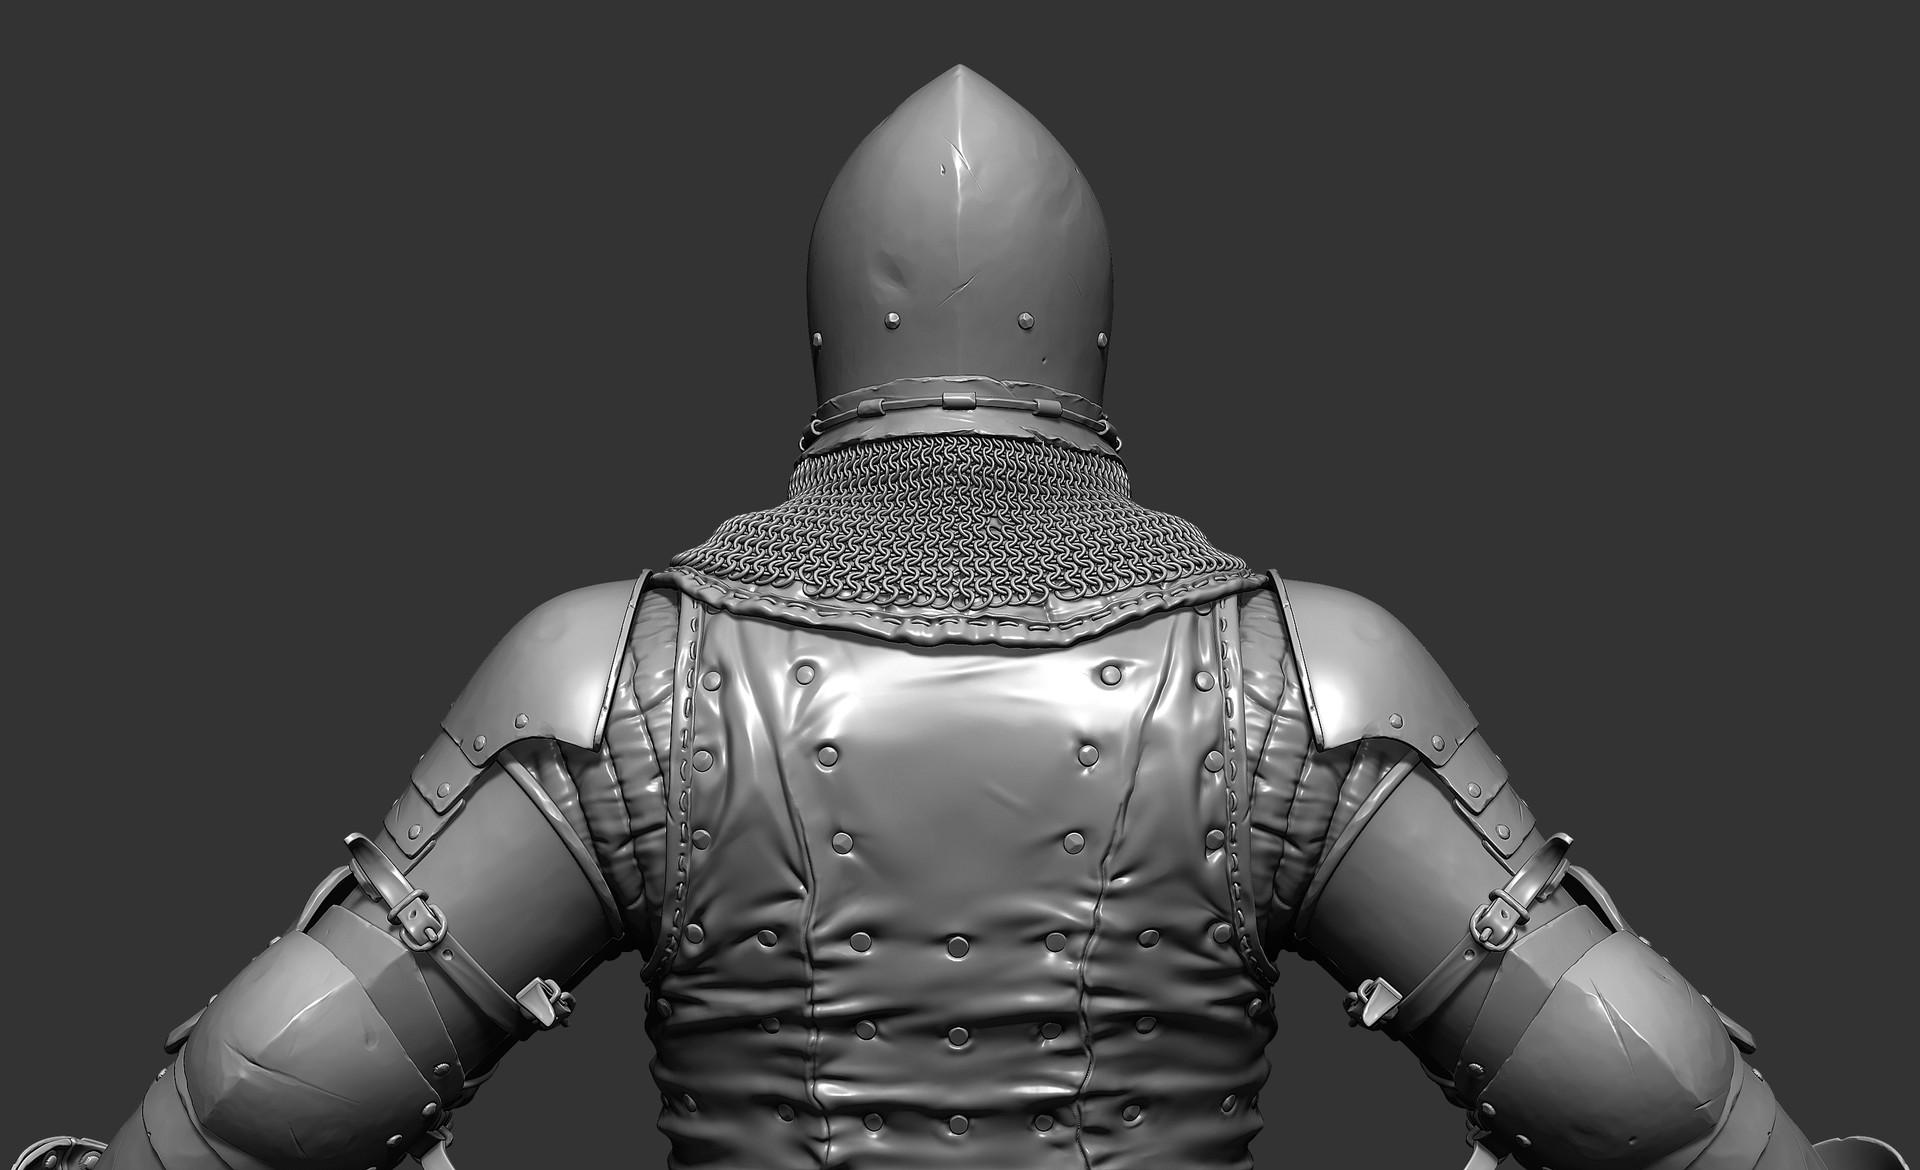 Petr sokolov artpity knight tpose close2